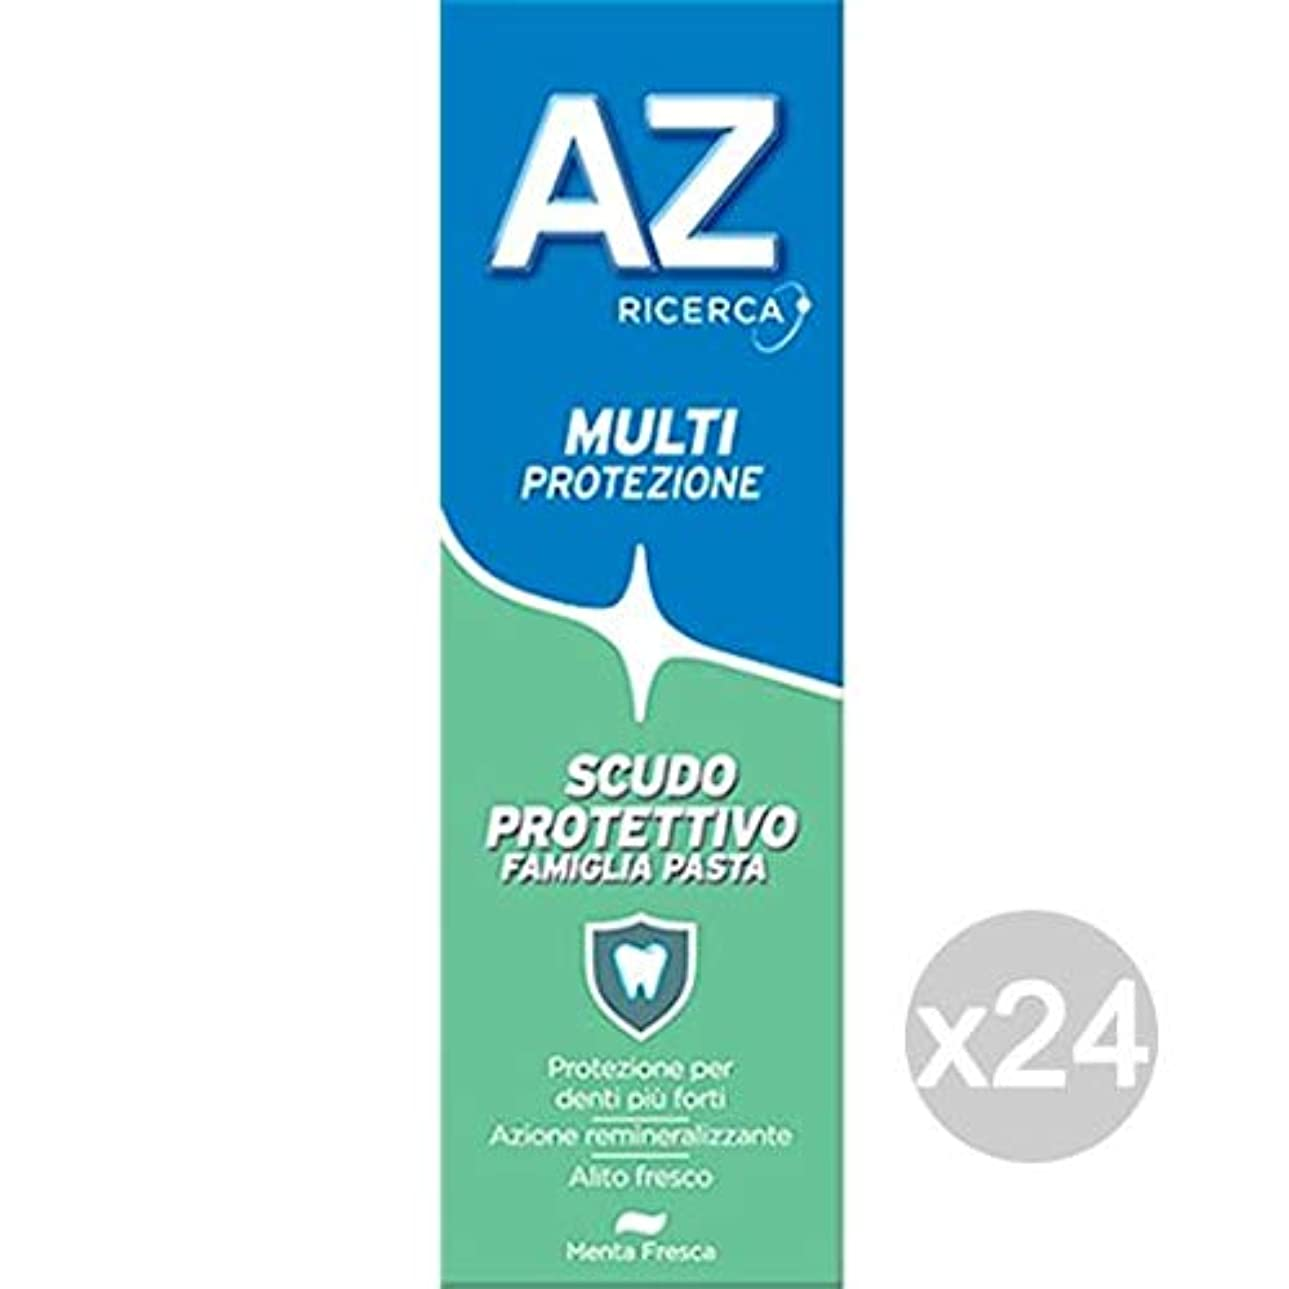 真向こう創傷剥ぎ取るAZ 24本セット ティースグリーンペーストシールド ファミリー クラシック 衛生的 歯のお手入れ マルチカラー ワンサイズ